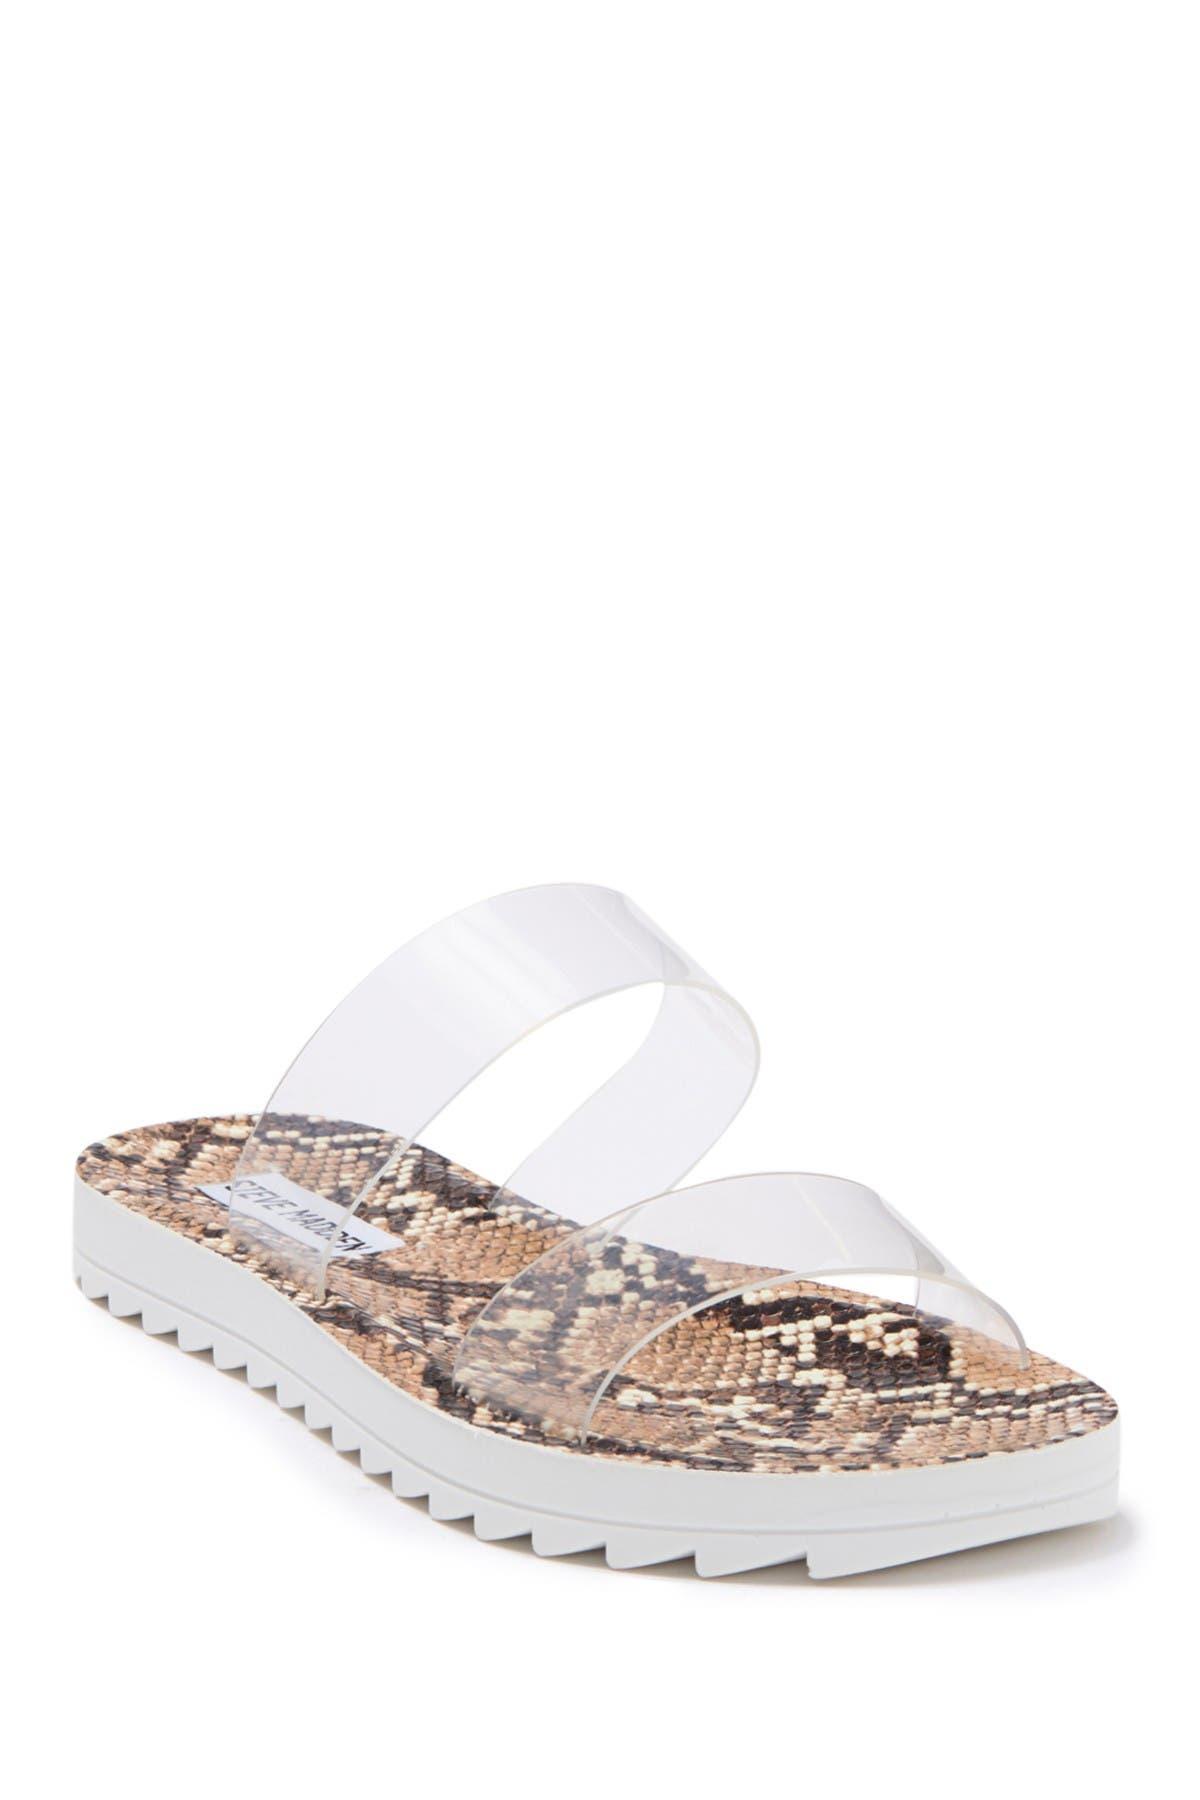 Image of Steve Madden Zig Platform Sandal